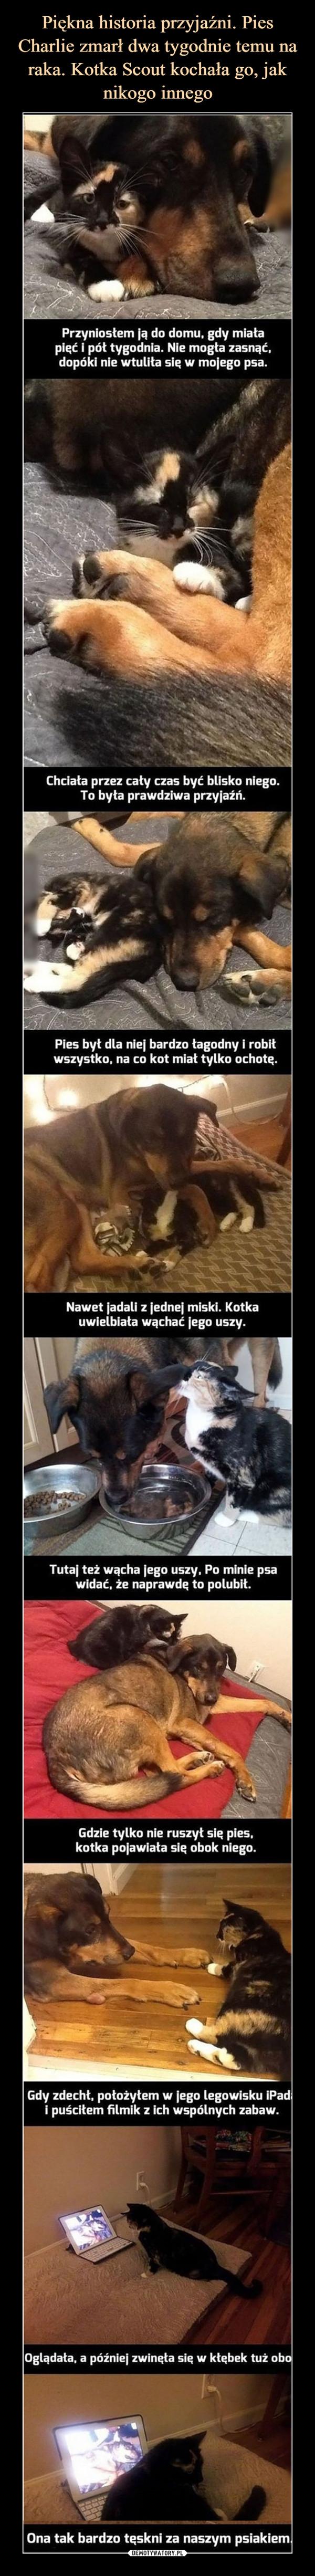 """–  Przyniosłem ją do domu, gdy miała pięć i pół tygodnia. Nie mogła zasnąć, dopóki nie wtuliła się w mojego psa. Chciała przez cały czas być blisko niego. To była prawdziwa przyjaźń. Pies był dla niej bardzo łagodny i robił wszystko, na co kot miał tylko ochotę. Nawet jadali z jednej miski. Kotka uwielbiała wąchać jego uszy. Tutaj też wącha jego uszy, Po minie psa widać, że naprawdę to polubił. Gdzie tylko nie ruszył się pies, kotka pojawiała się obok niego. """"firkst--:; slaseia. """"Illingle e _. S """"IĄ,14. 1 Gdy zdechł, położyłem w jego legowisku iPad i puściłem filmik z ich wspólnych zabaw. Oglądała, a później zwinęła się w kłębek tuż obo Ona tak bardzo tęskni za naszym psiakiem"""